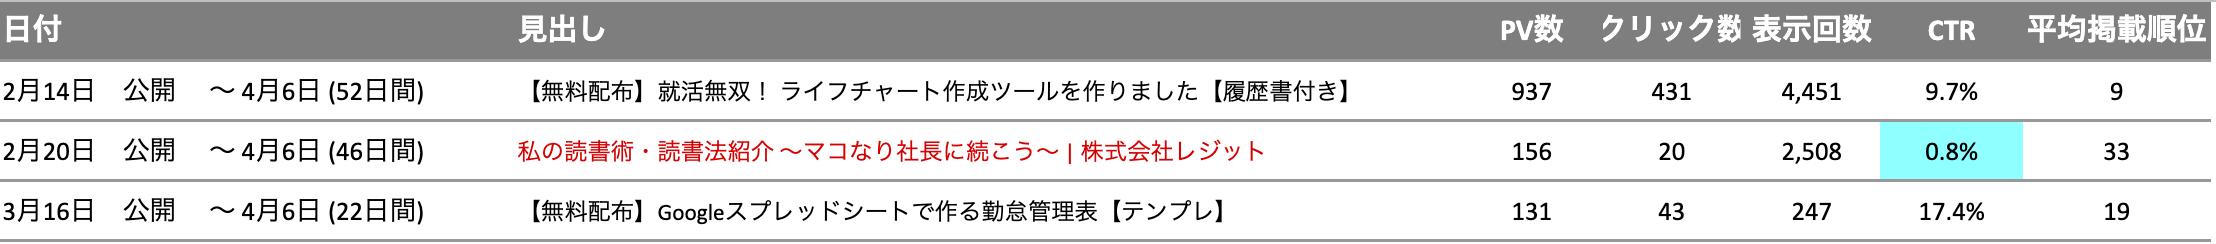 直近の旅田記事比較表